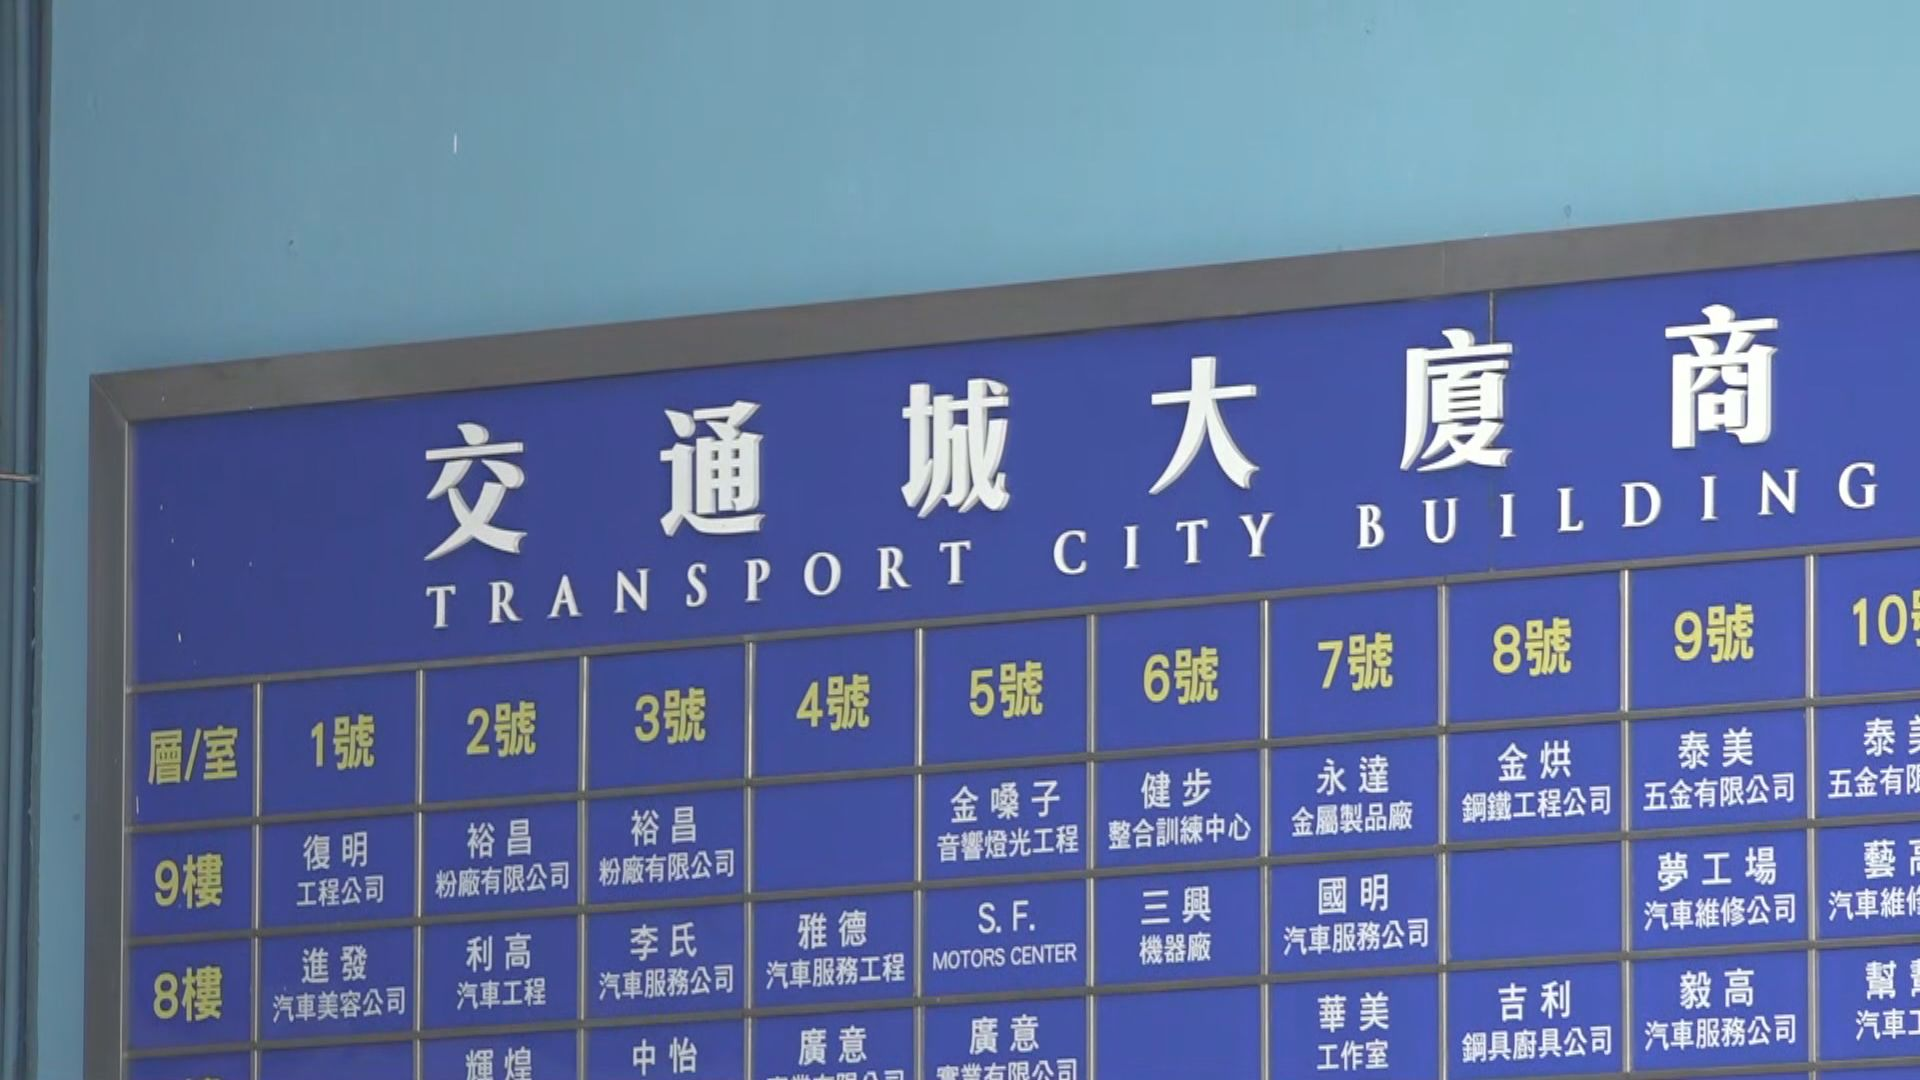 本港新增六宗確診個案 大圍交通城群組再多兩人確診